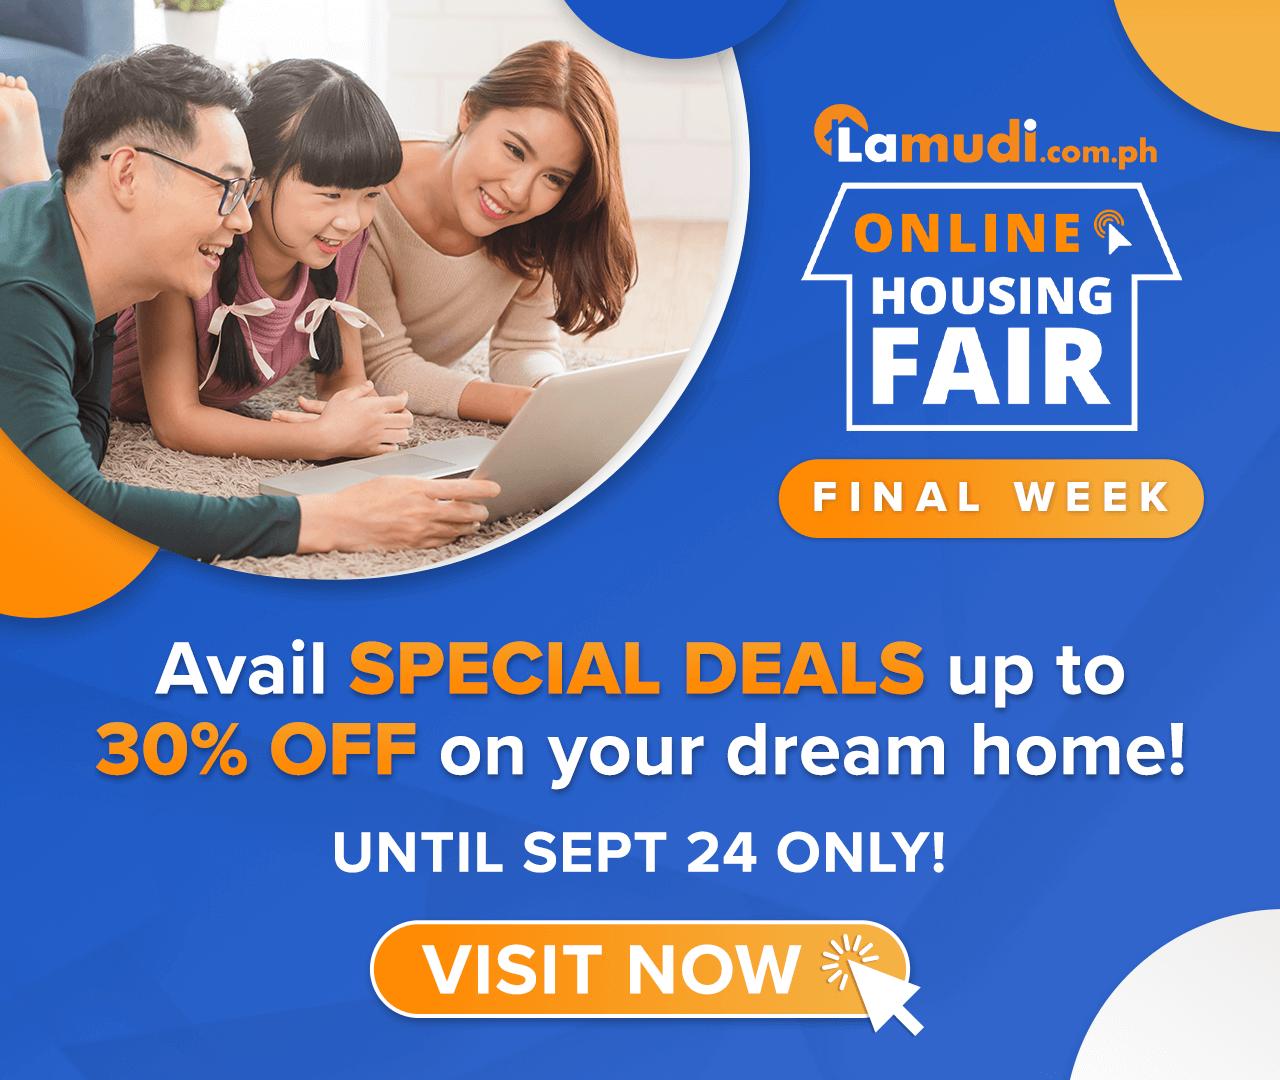 Visit the Lamudi Online Housing Fair!